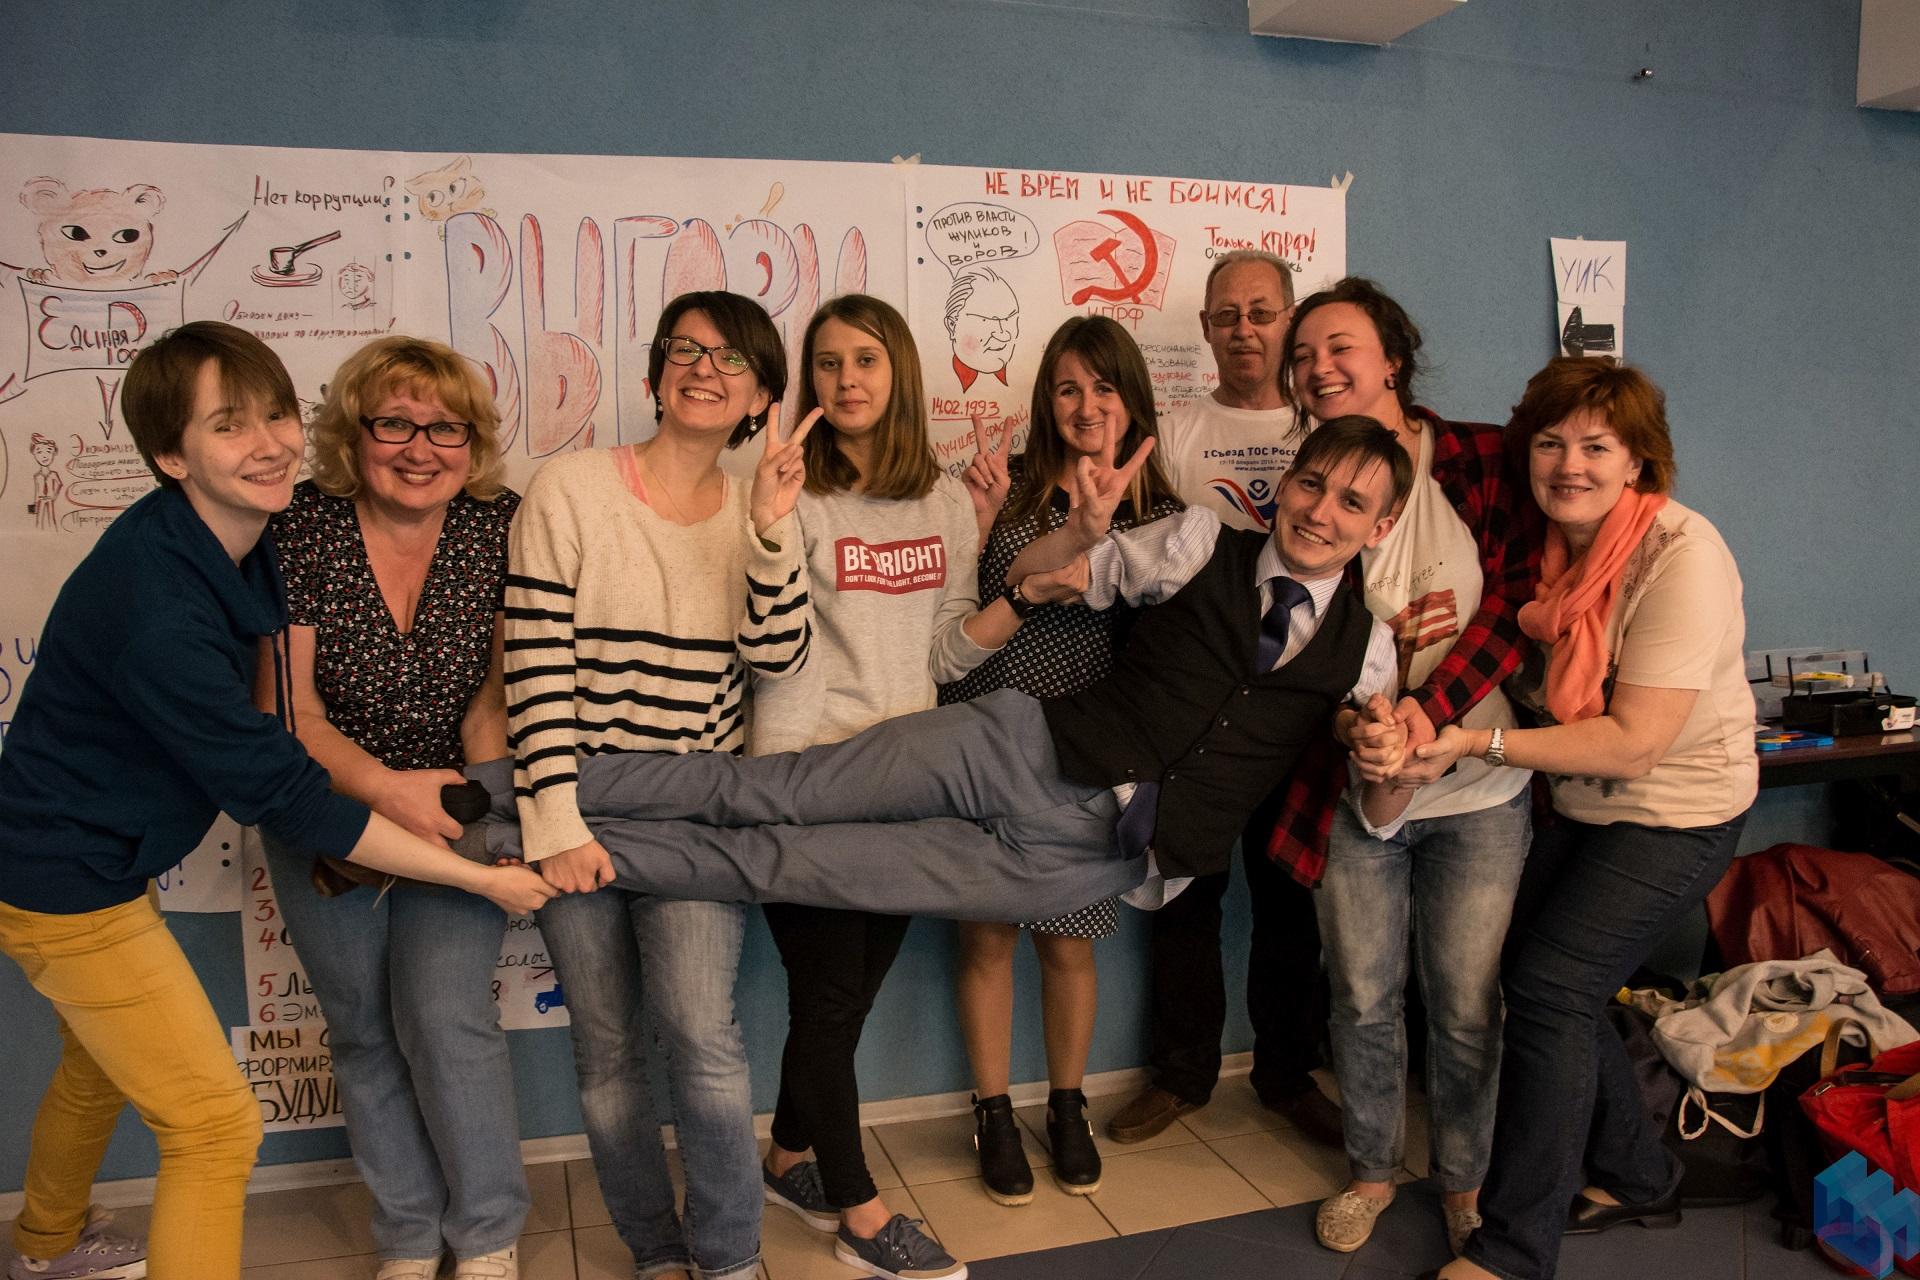 Рухатися більше! За активну участь дітей і молоді у громадянському суспільстві у Східній Європі